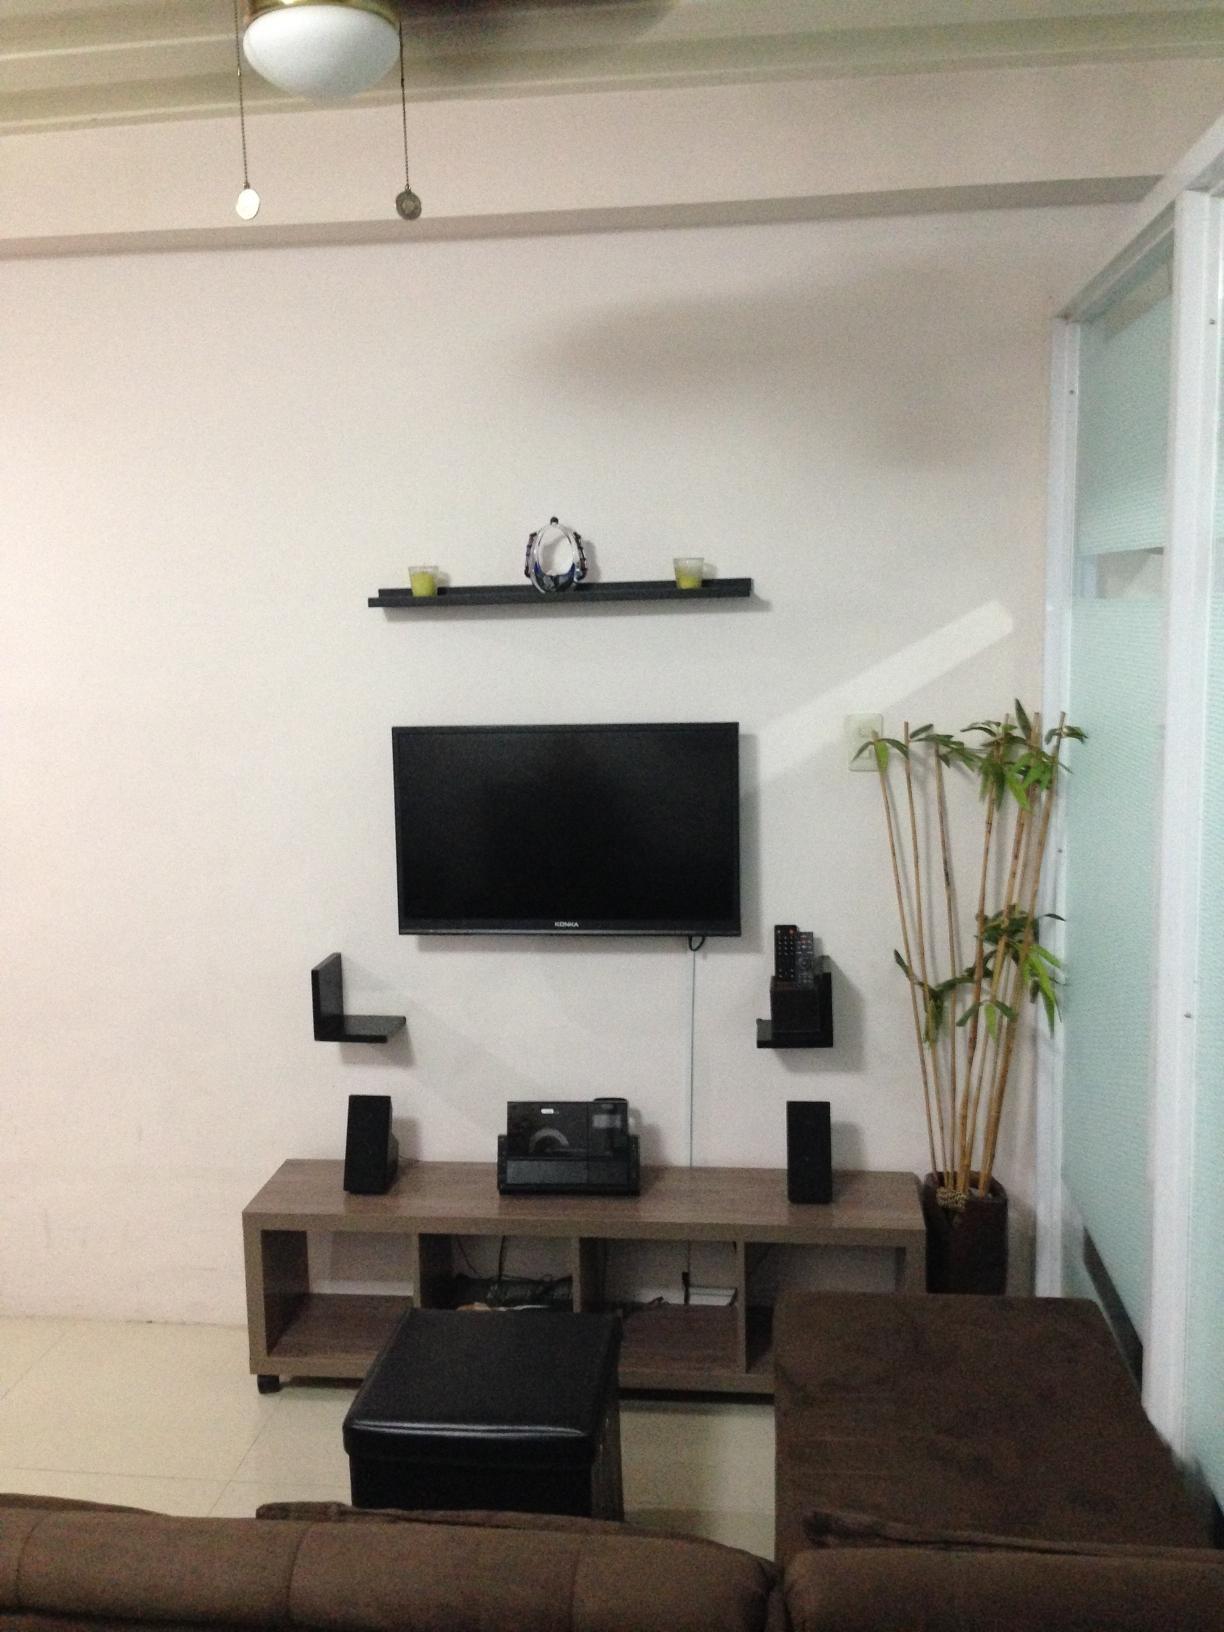 Condominium For Rent in Kassel Residences, E. Rodriguez Ave., Moonwalk, Metro Manila